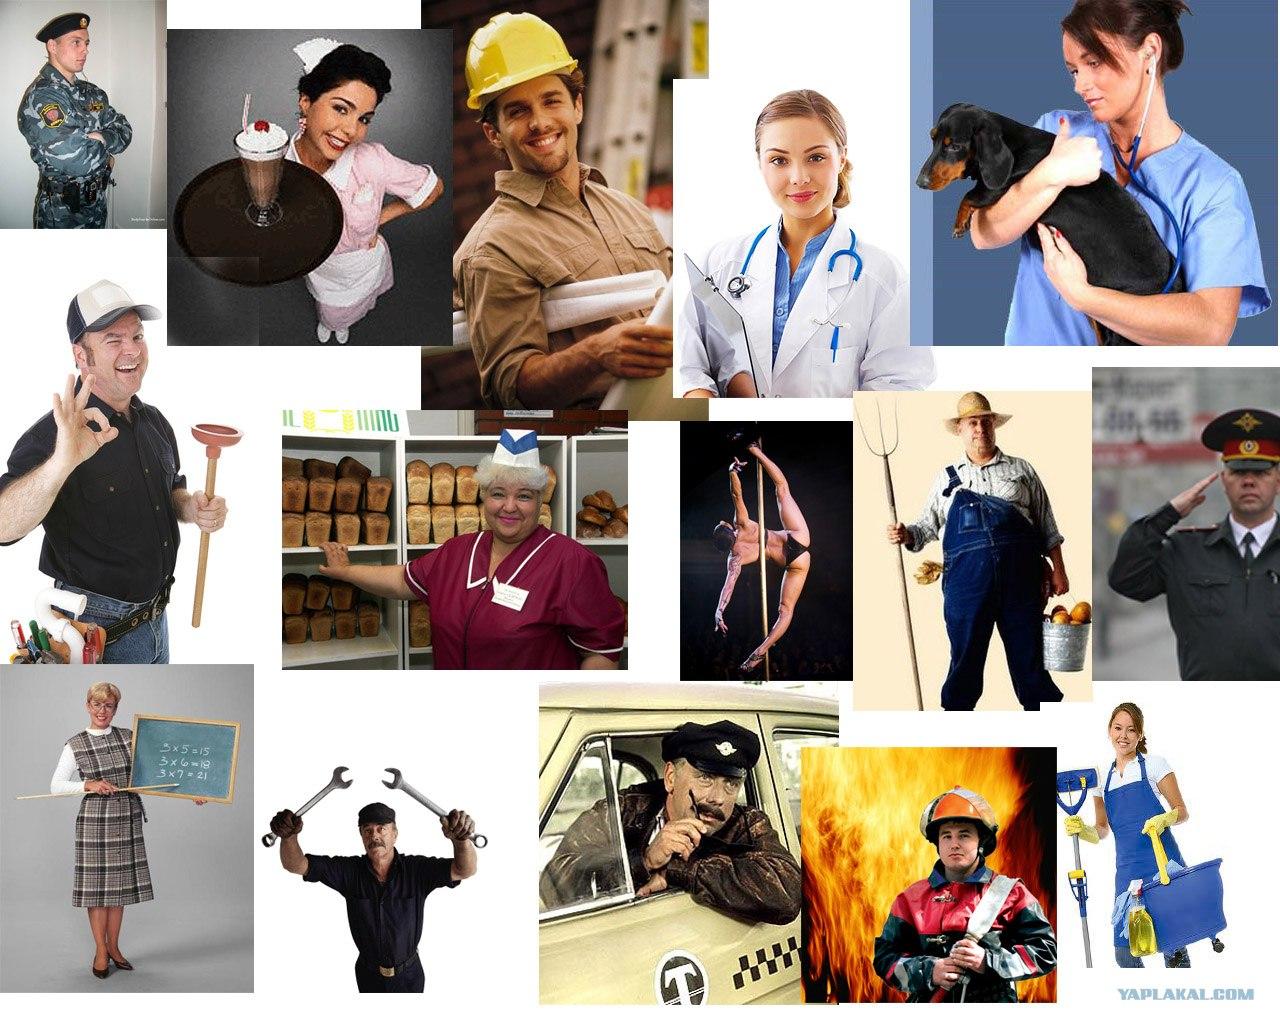 услуги в городе,онлайн,идея,заработок,бизнес каталог компаний homebusiness.kz,идеи бизнеса,раскрутка бизнеса,объявления,каталог сайтов бизнес,бизнес портал,домашний бизнес